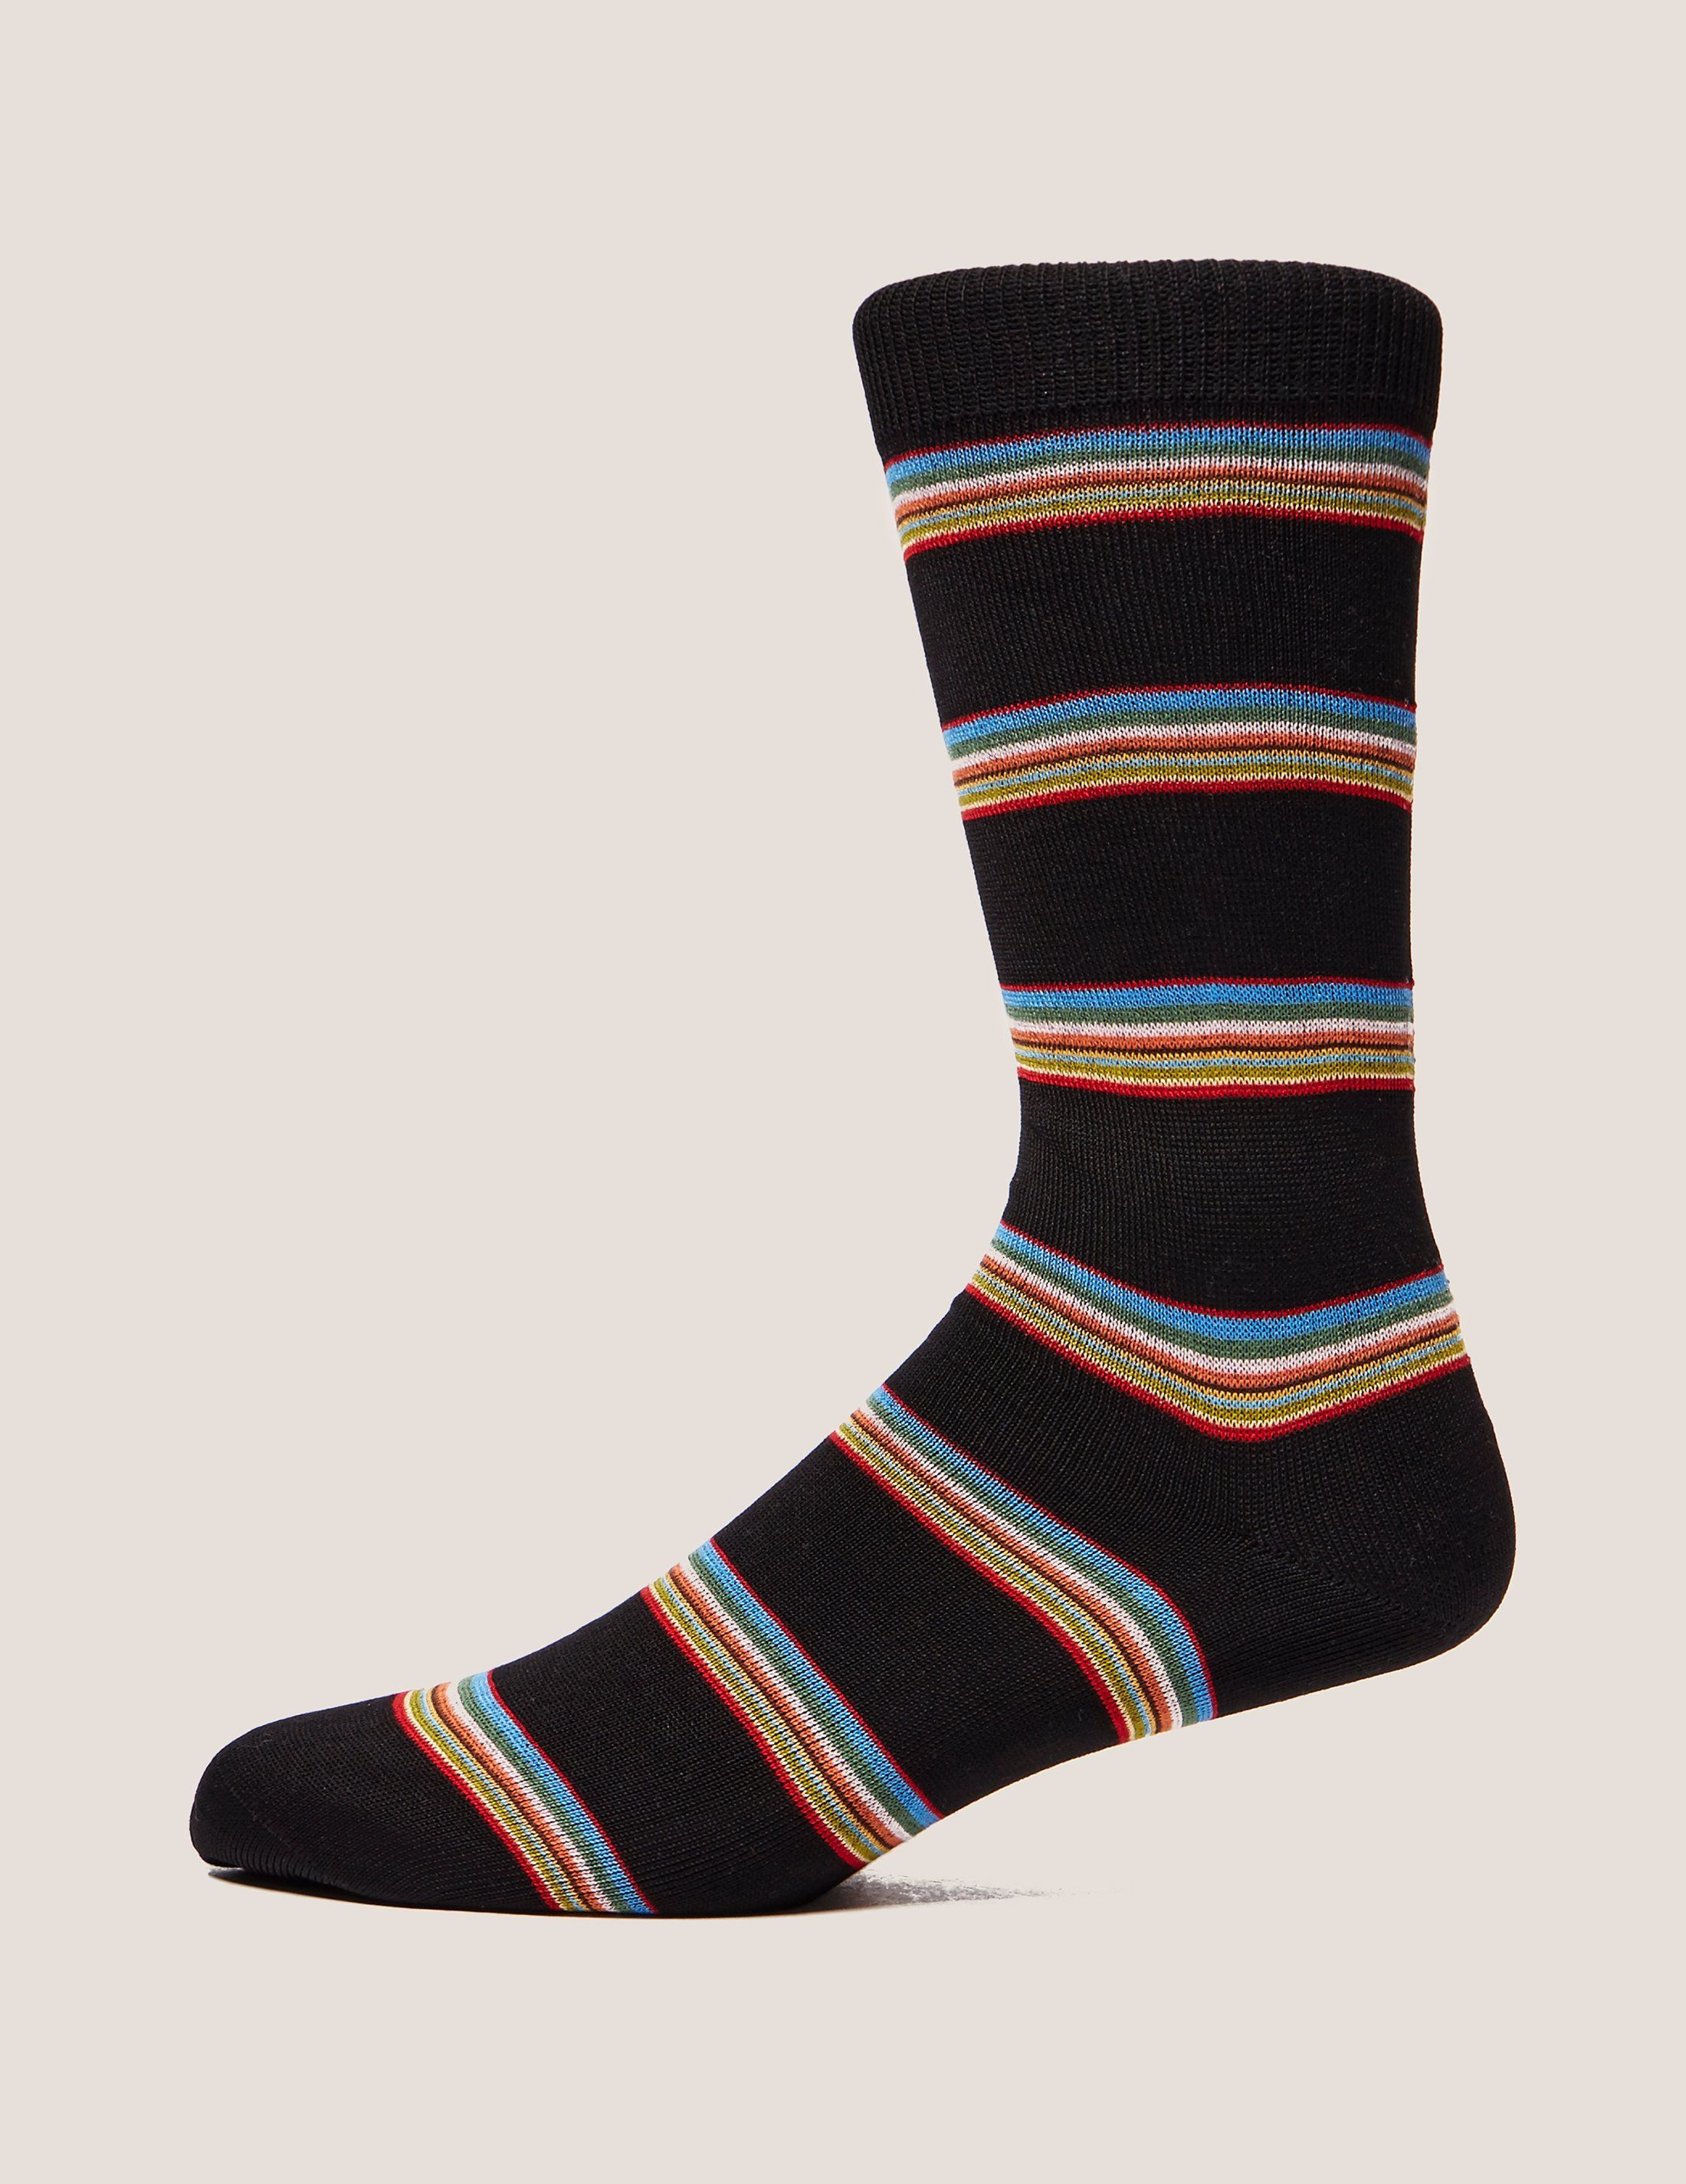 Paul Smith Pattern Socks